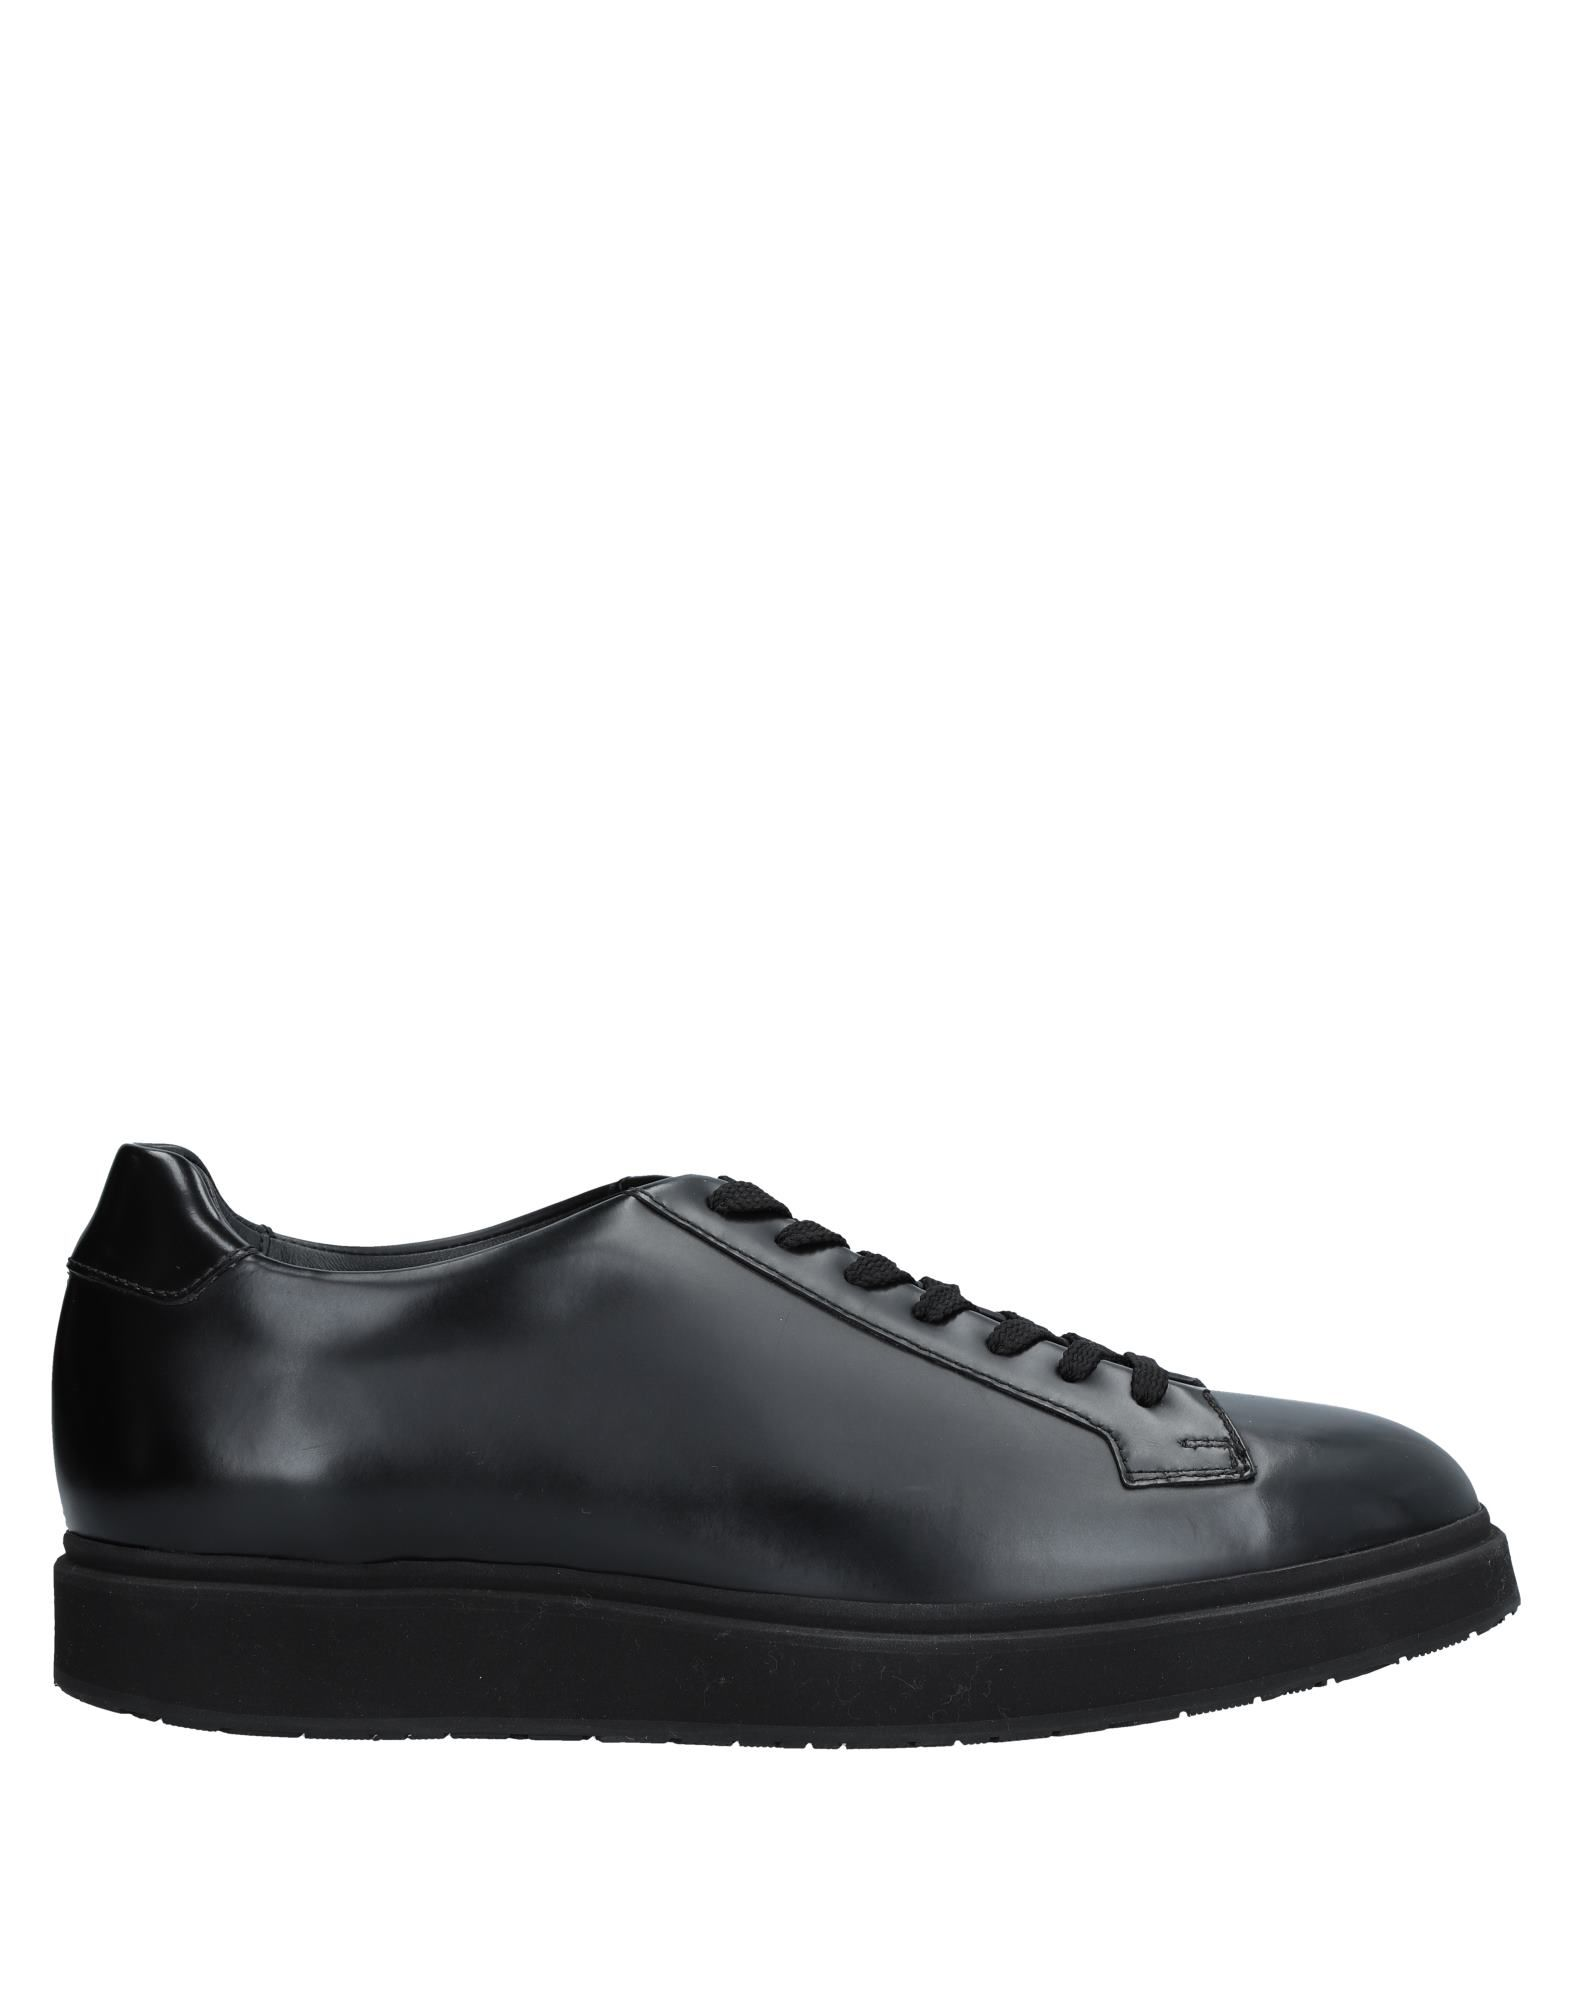 《送料無料》SANTONI メンズ スニーカー&テニスシューズ(ローカット) ブラック 6 革